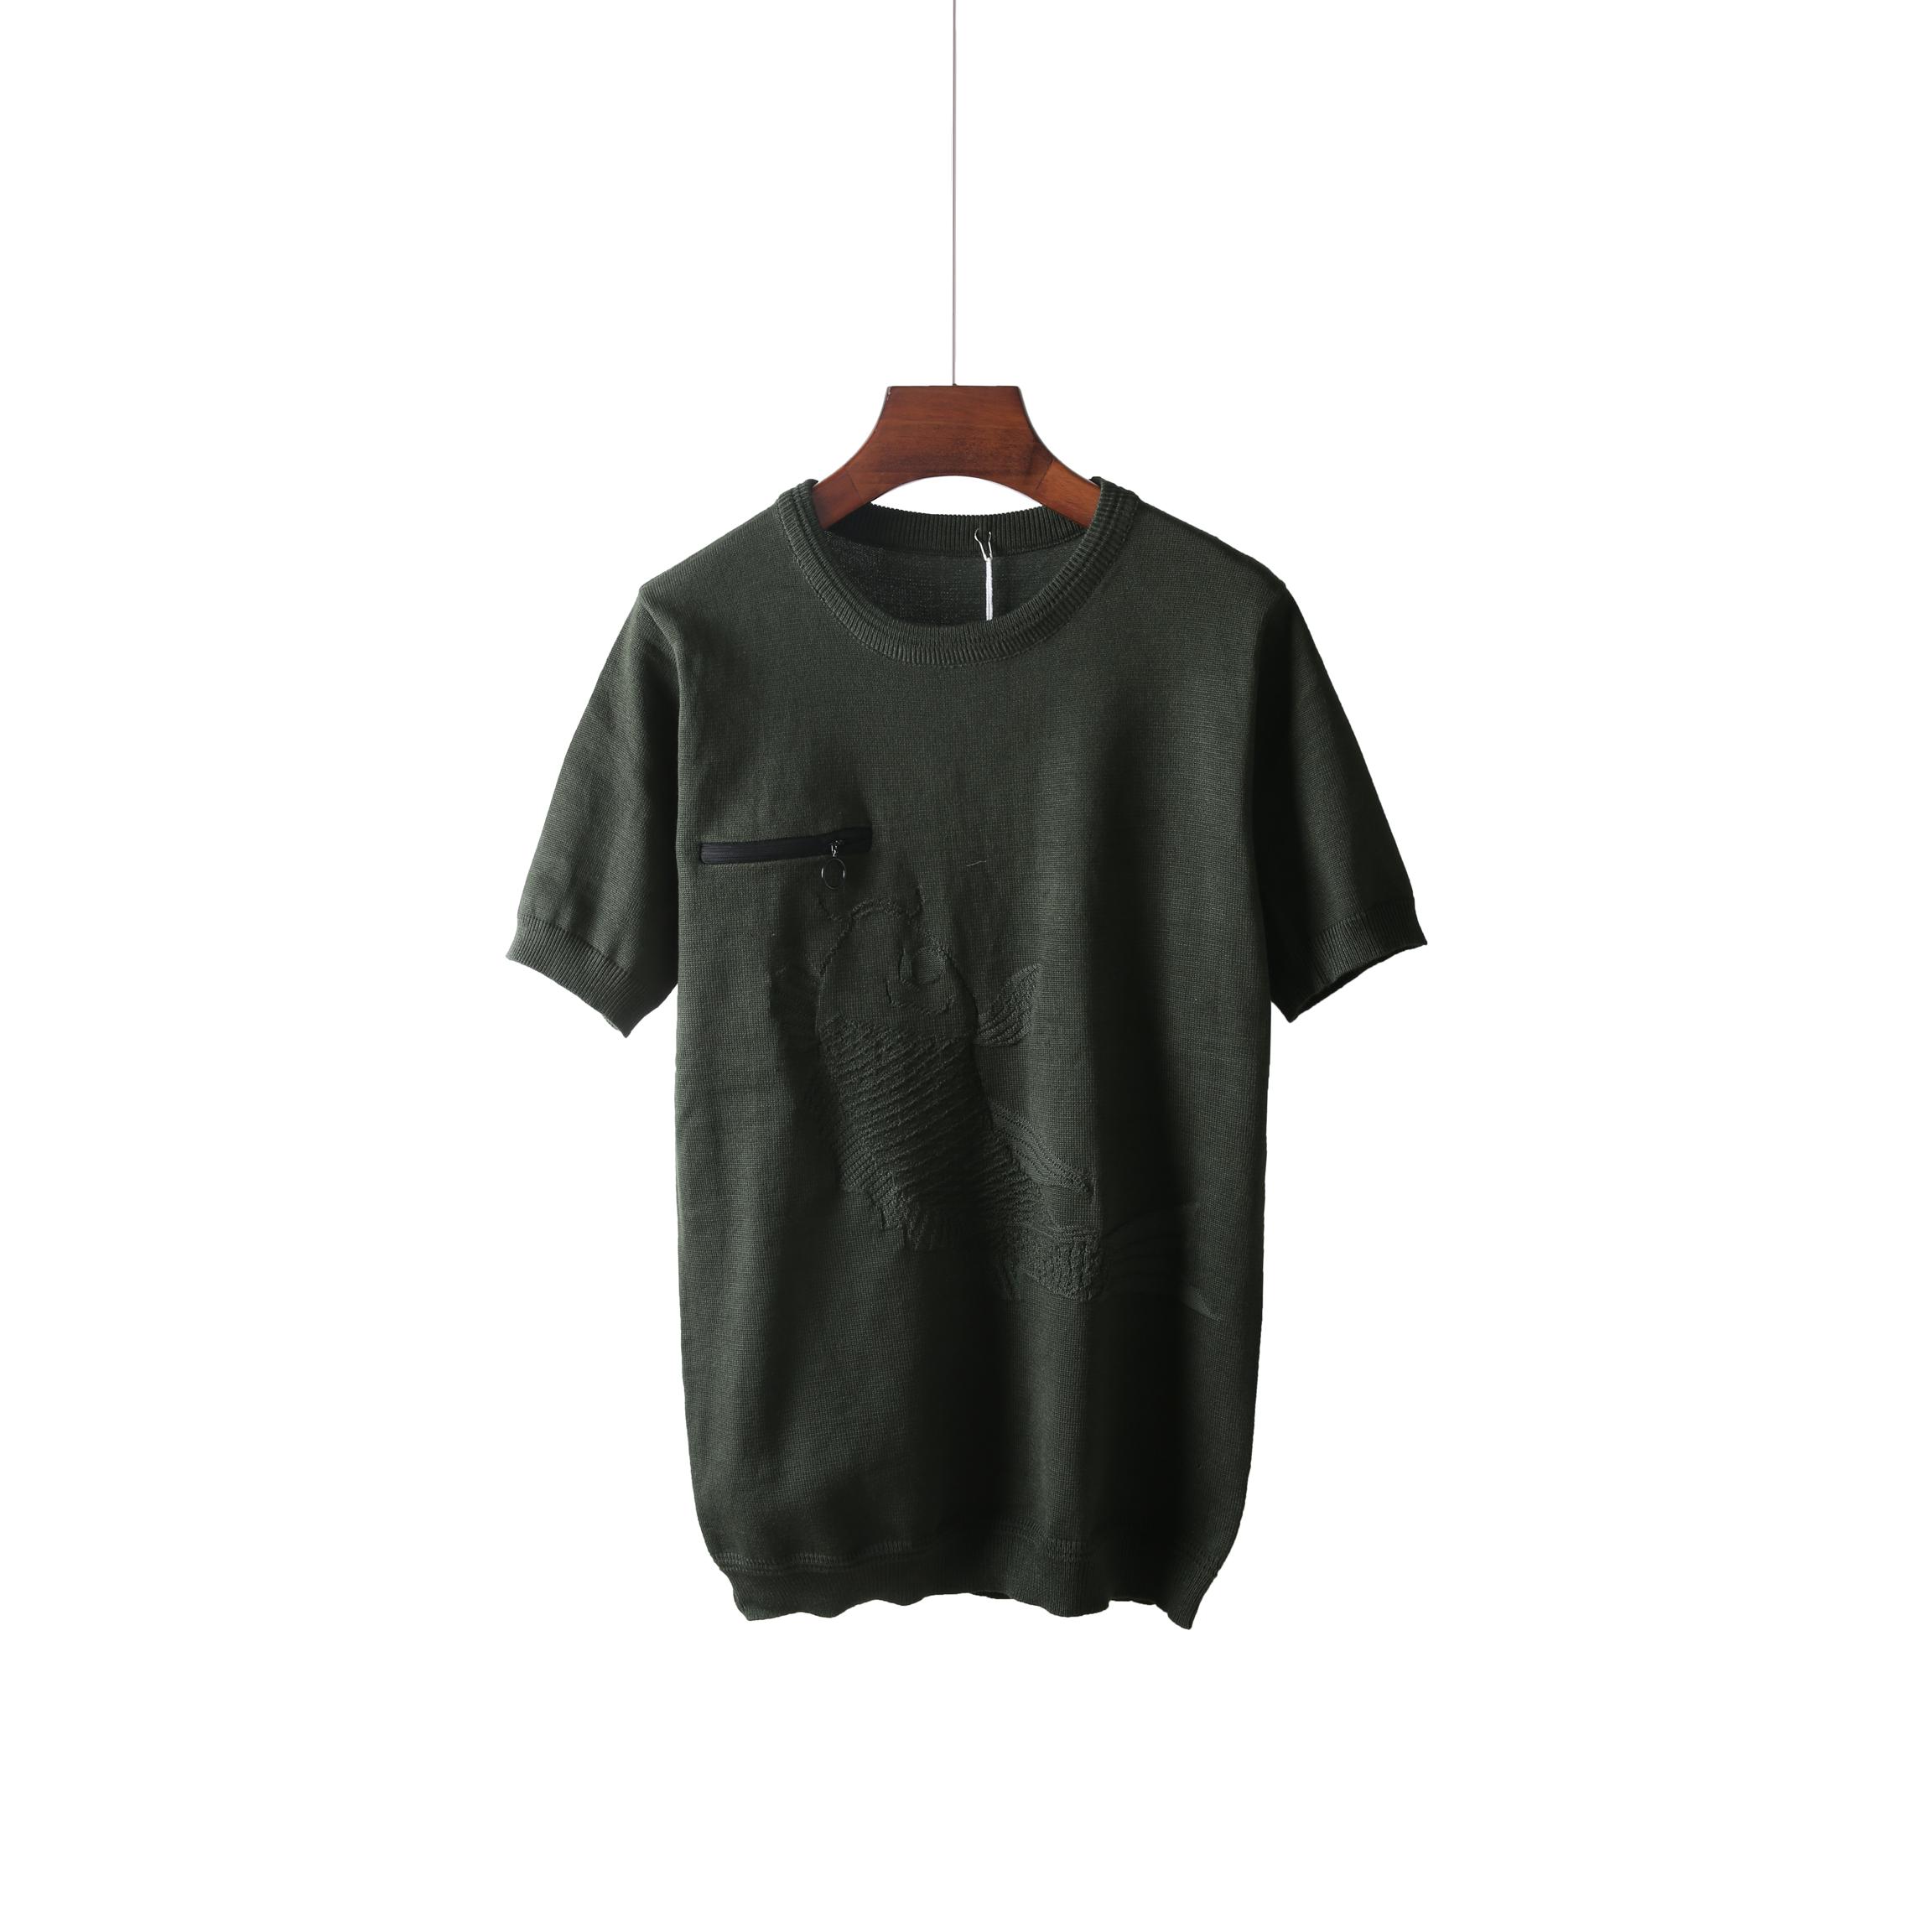 男士短袖t恤 夏季休闲款针织短袖男圆领修身弹力半袖T恤打底男士短袖T恤8843_推荐淘宝好看的男短袖t恤